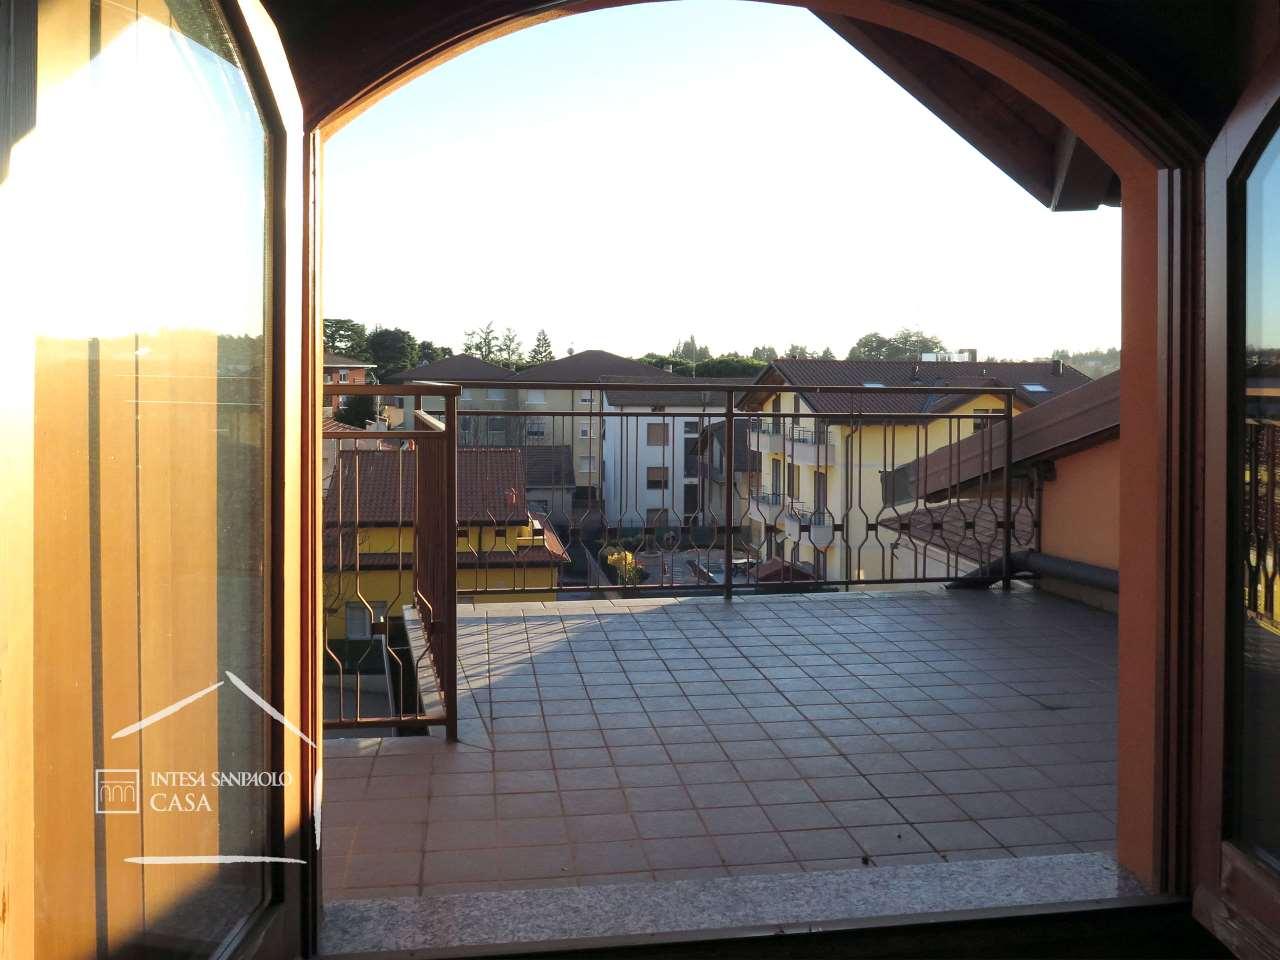 Casa indipendente in Vendita a Veduggio Con Colzano: 5 locali, 208 mq - Foto 8